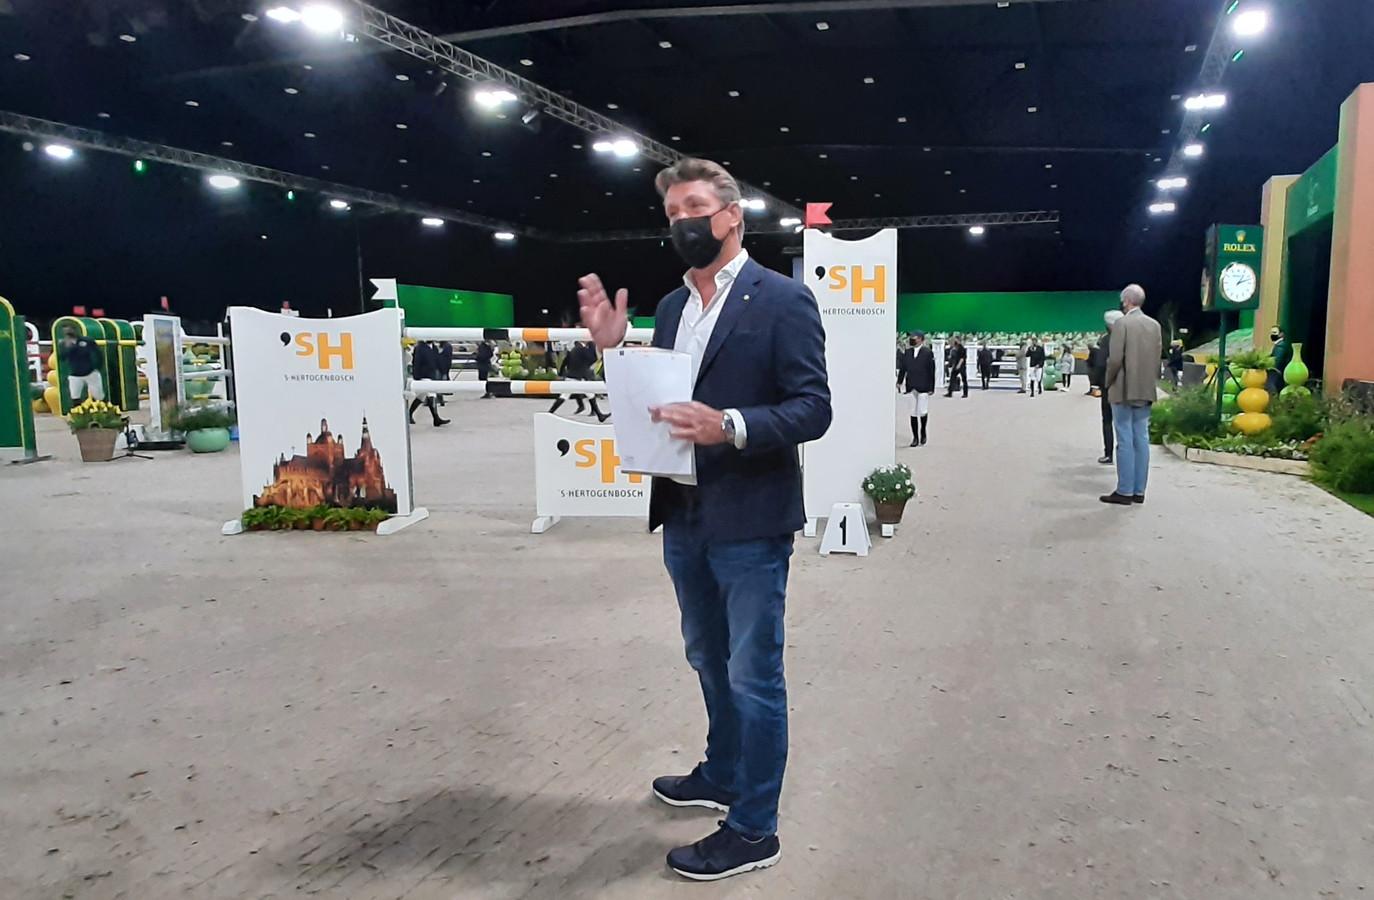 Springruiter Jeroen Dubbeldam doet niet mee aan The Dutch Masters in de Brabanthallen van Den Bosch, maar geeft vlak voor de start van de Rolex Grand Prix  tekst en uitleg bij de hindernissen.